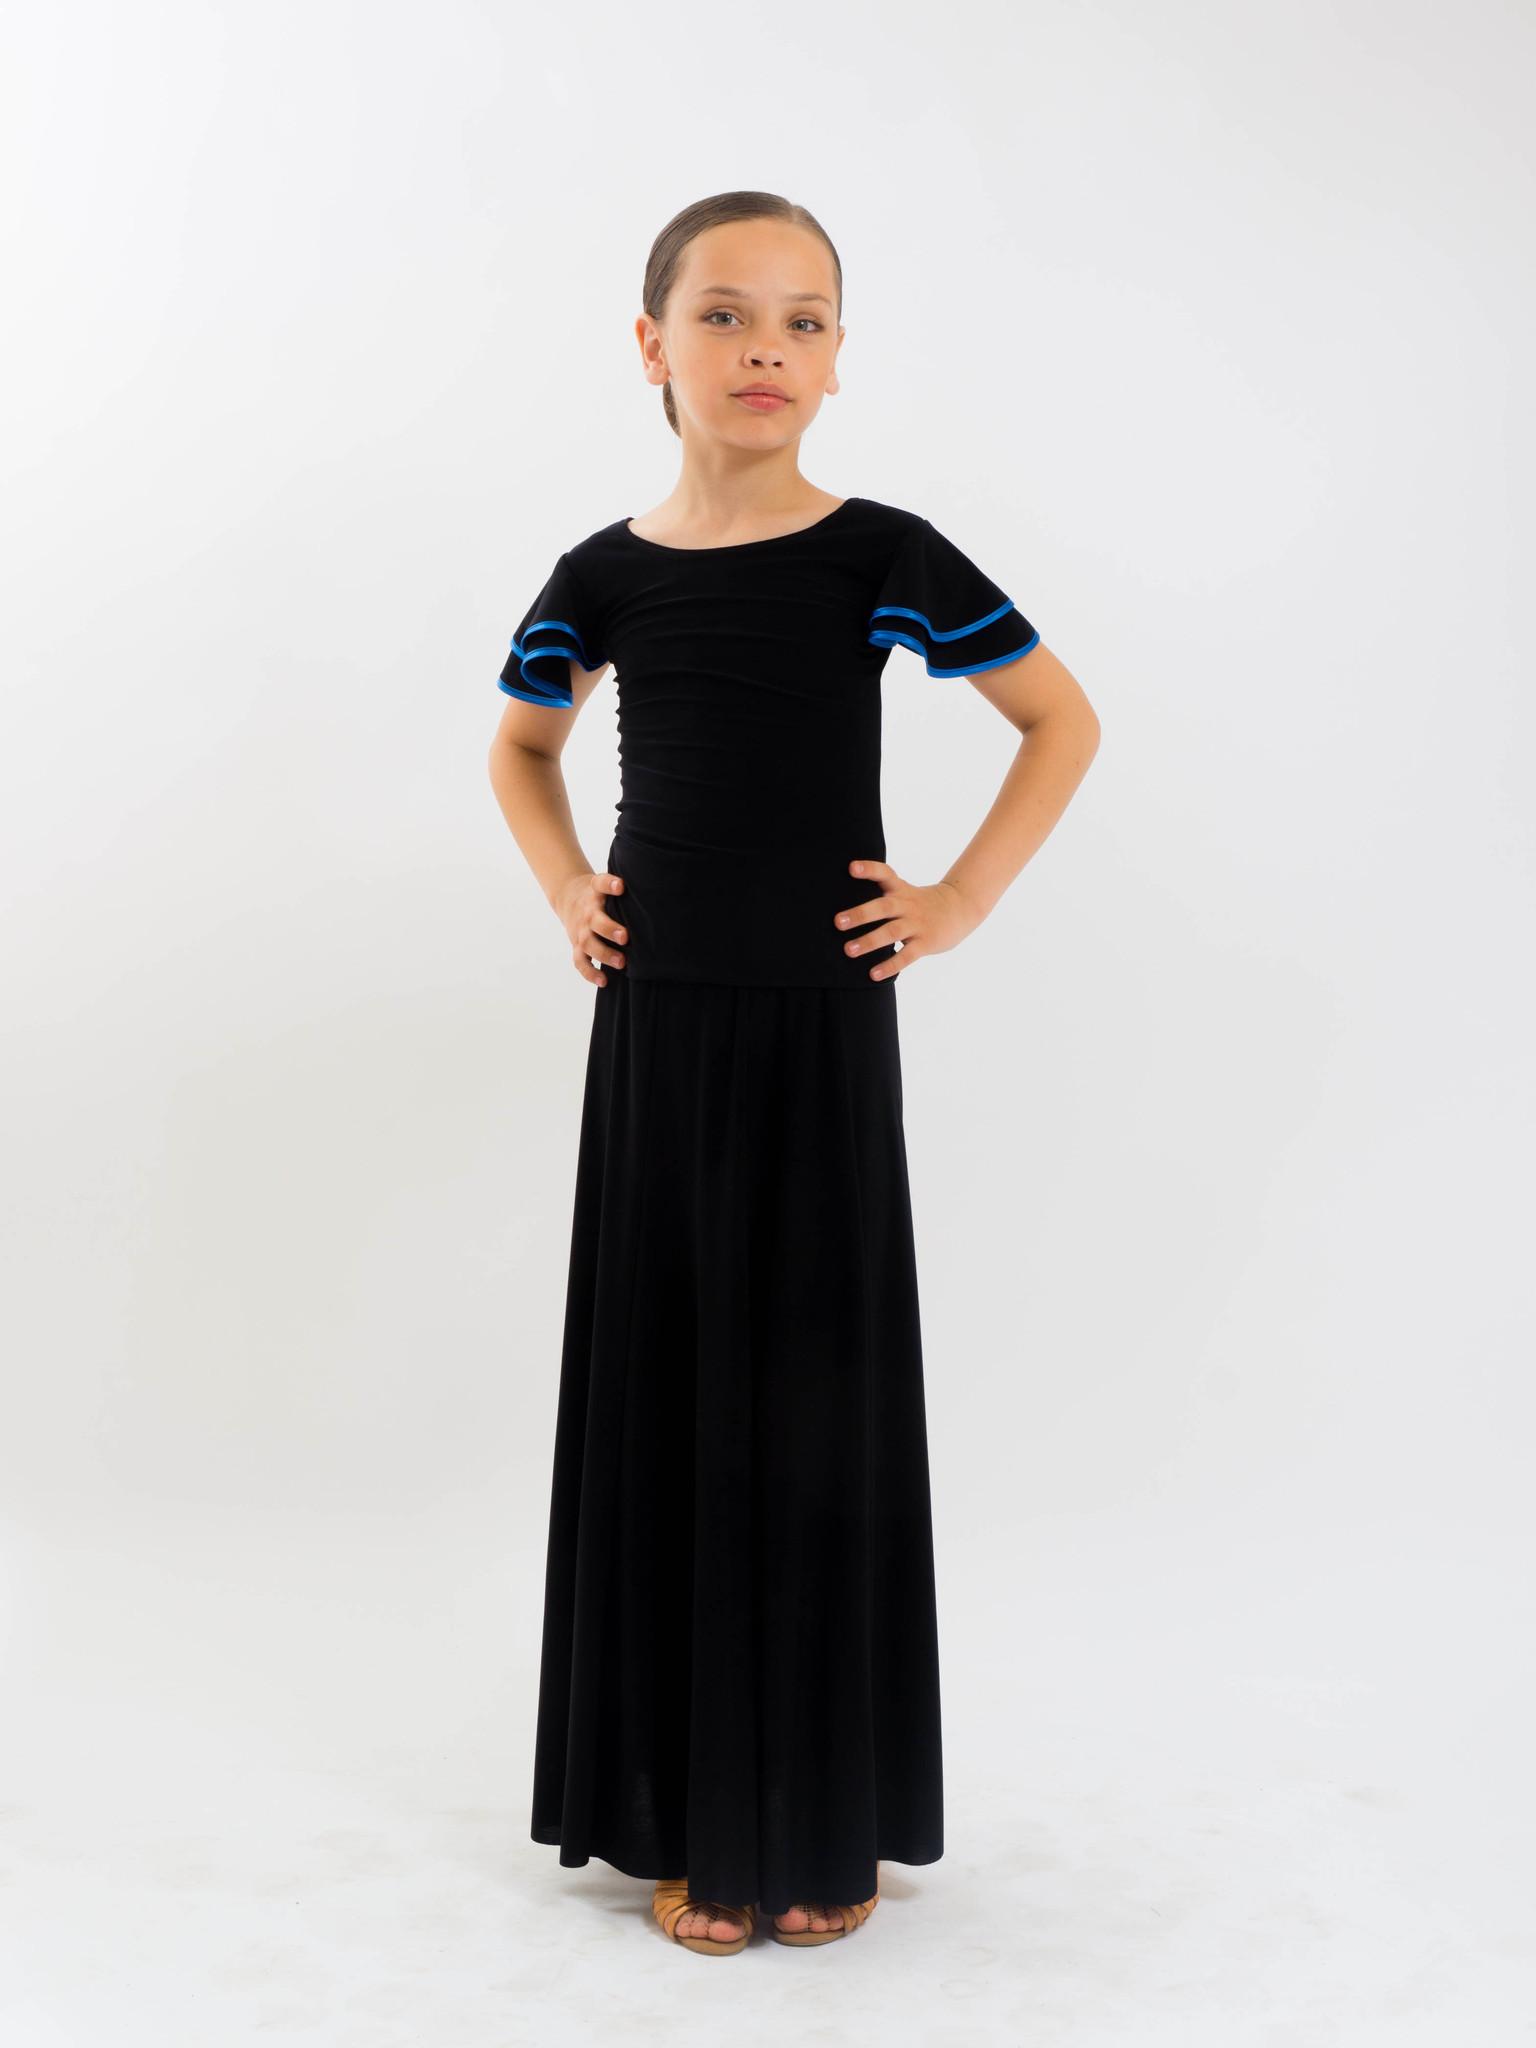 46 размер юбки с доставкой